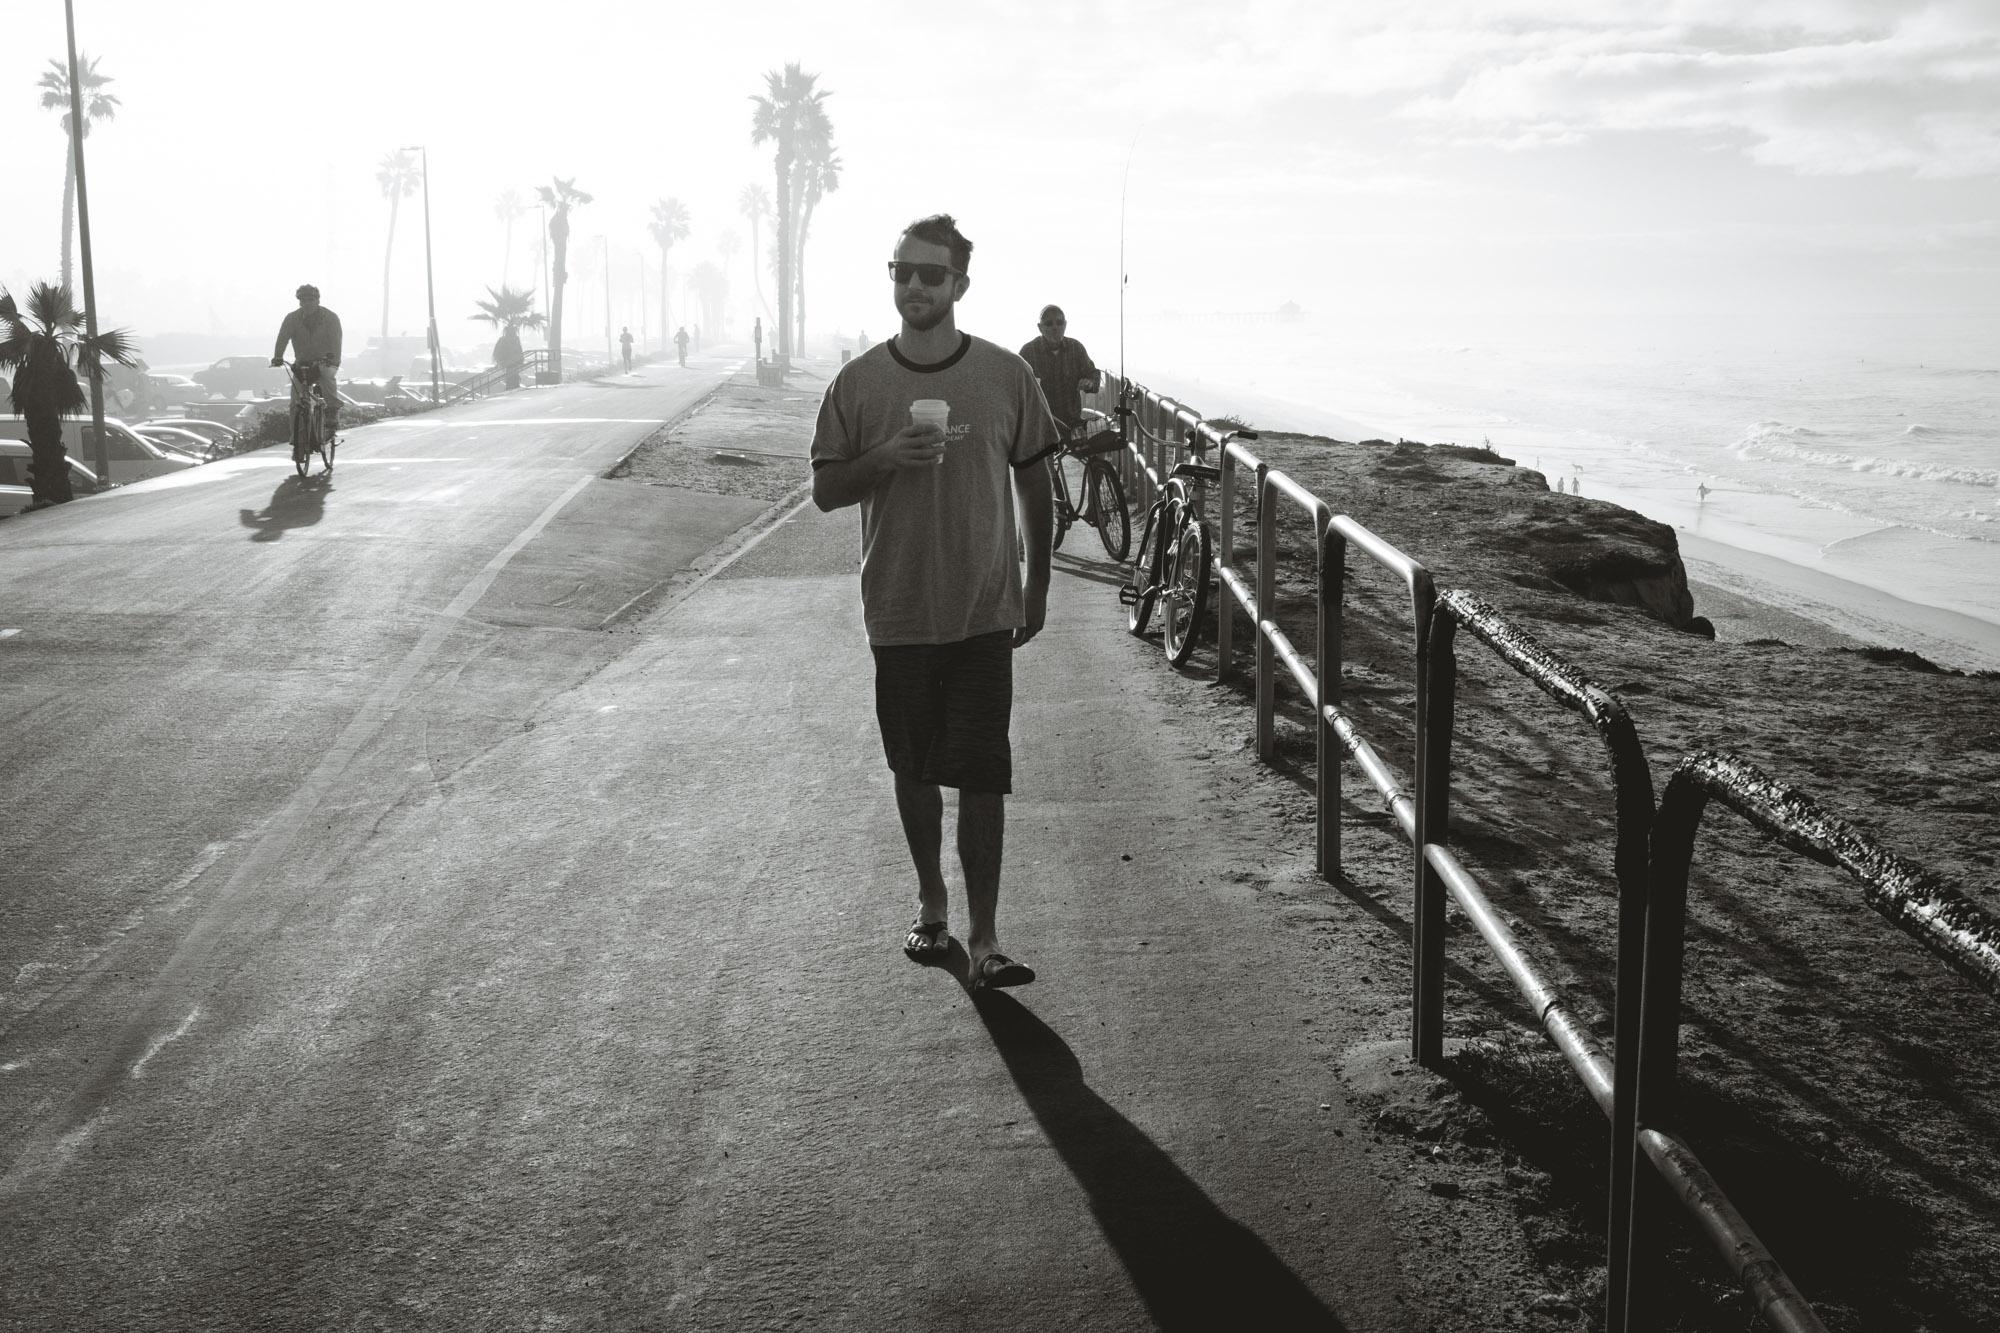 Ian waling the beach path with a coffee